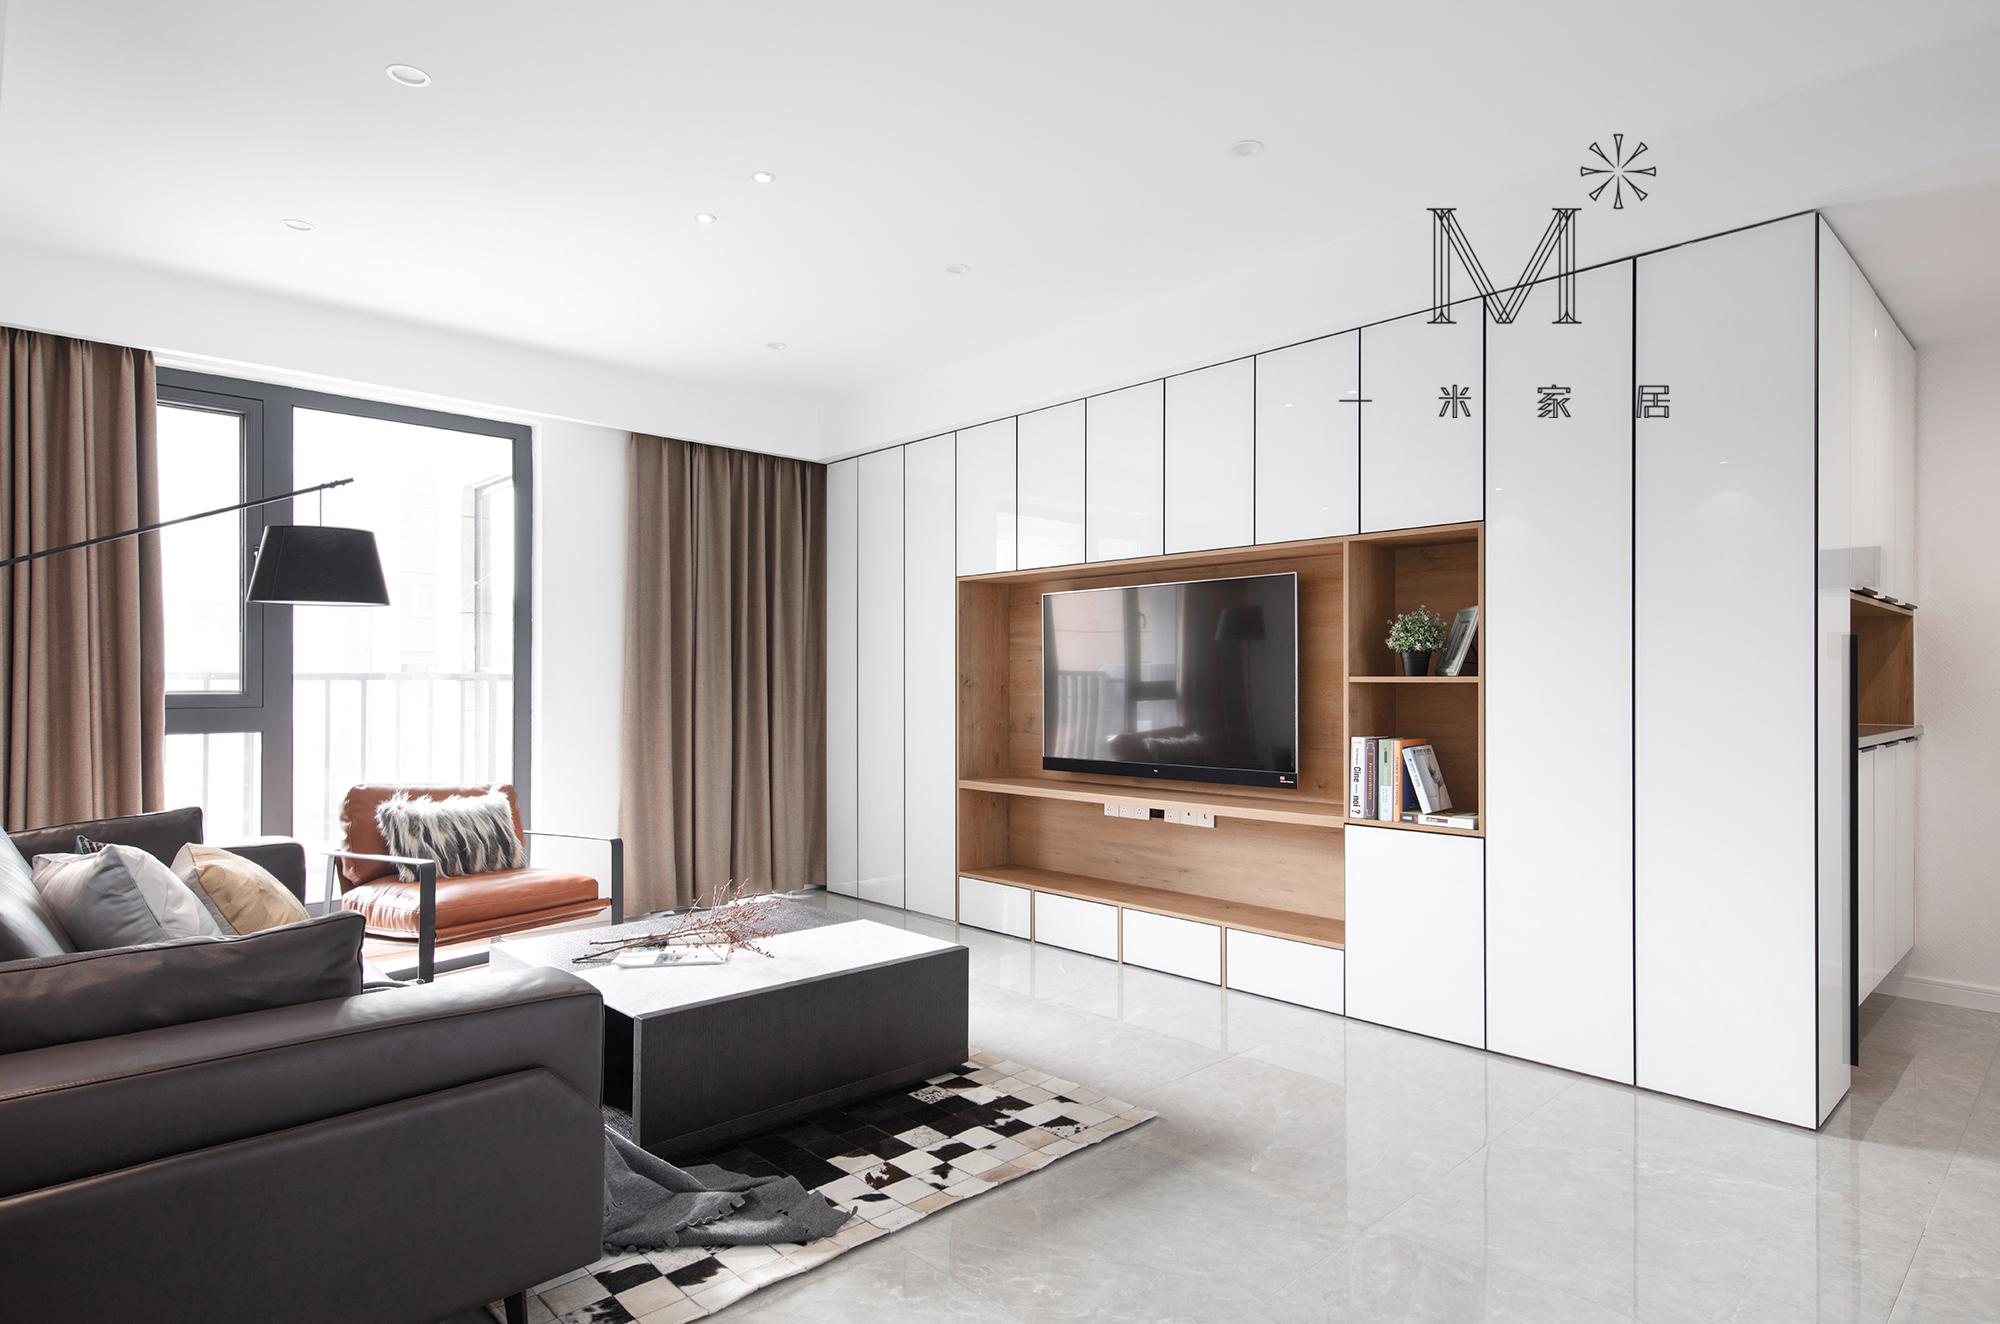 140㎡现代二居背景墙设计客厅现代简约客厅设计图片赏析